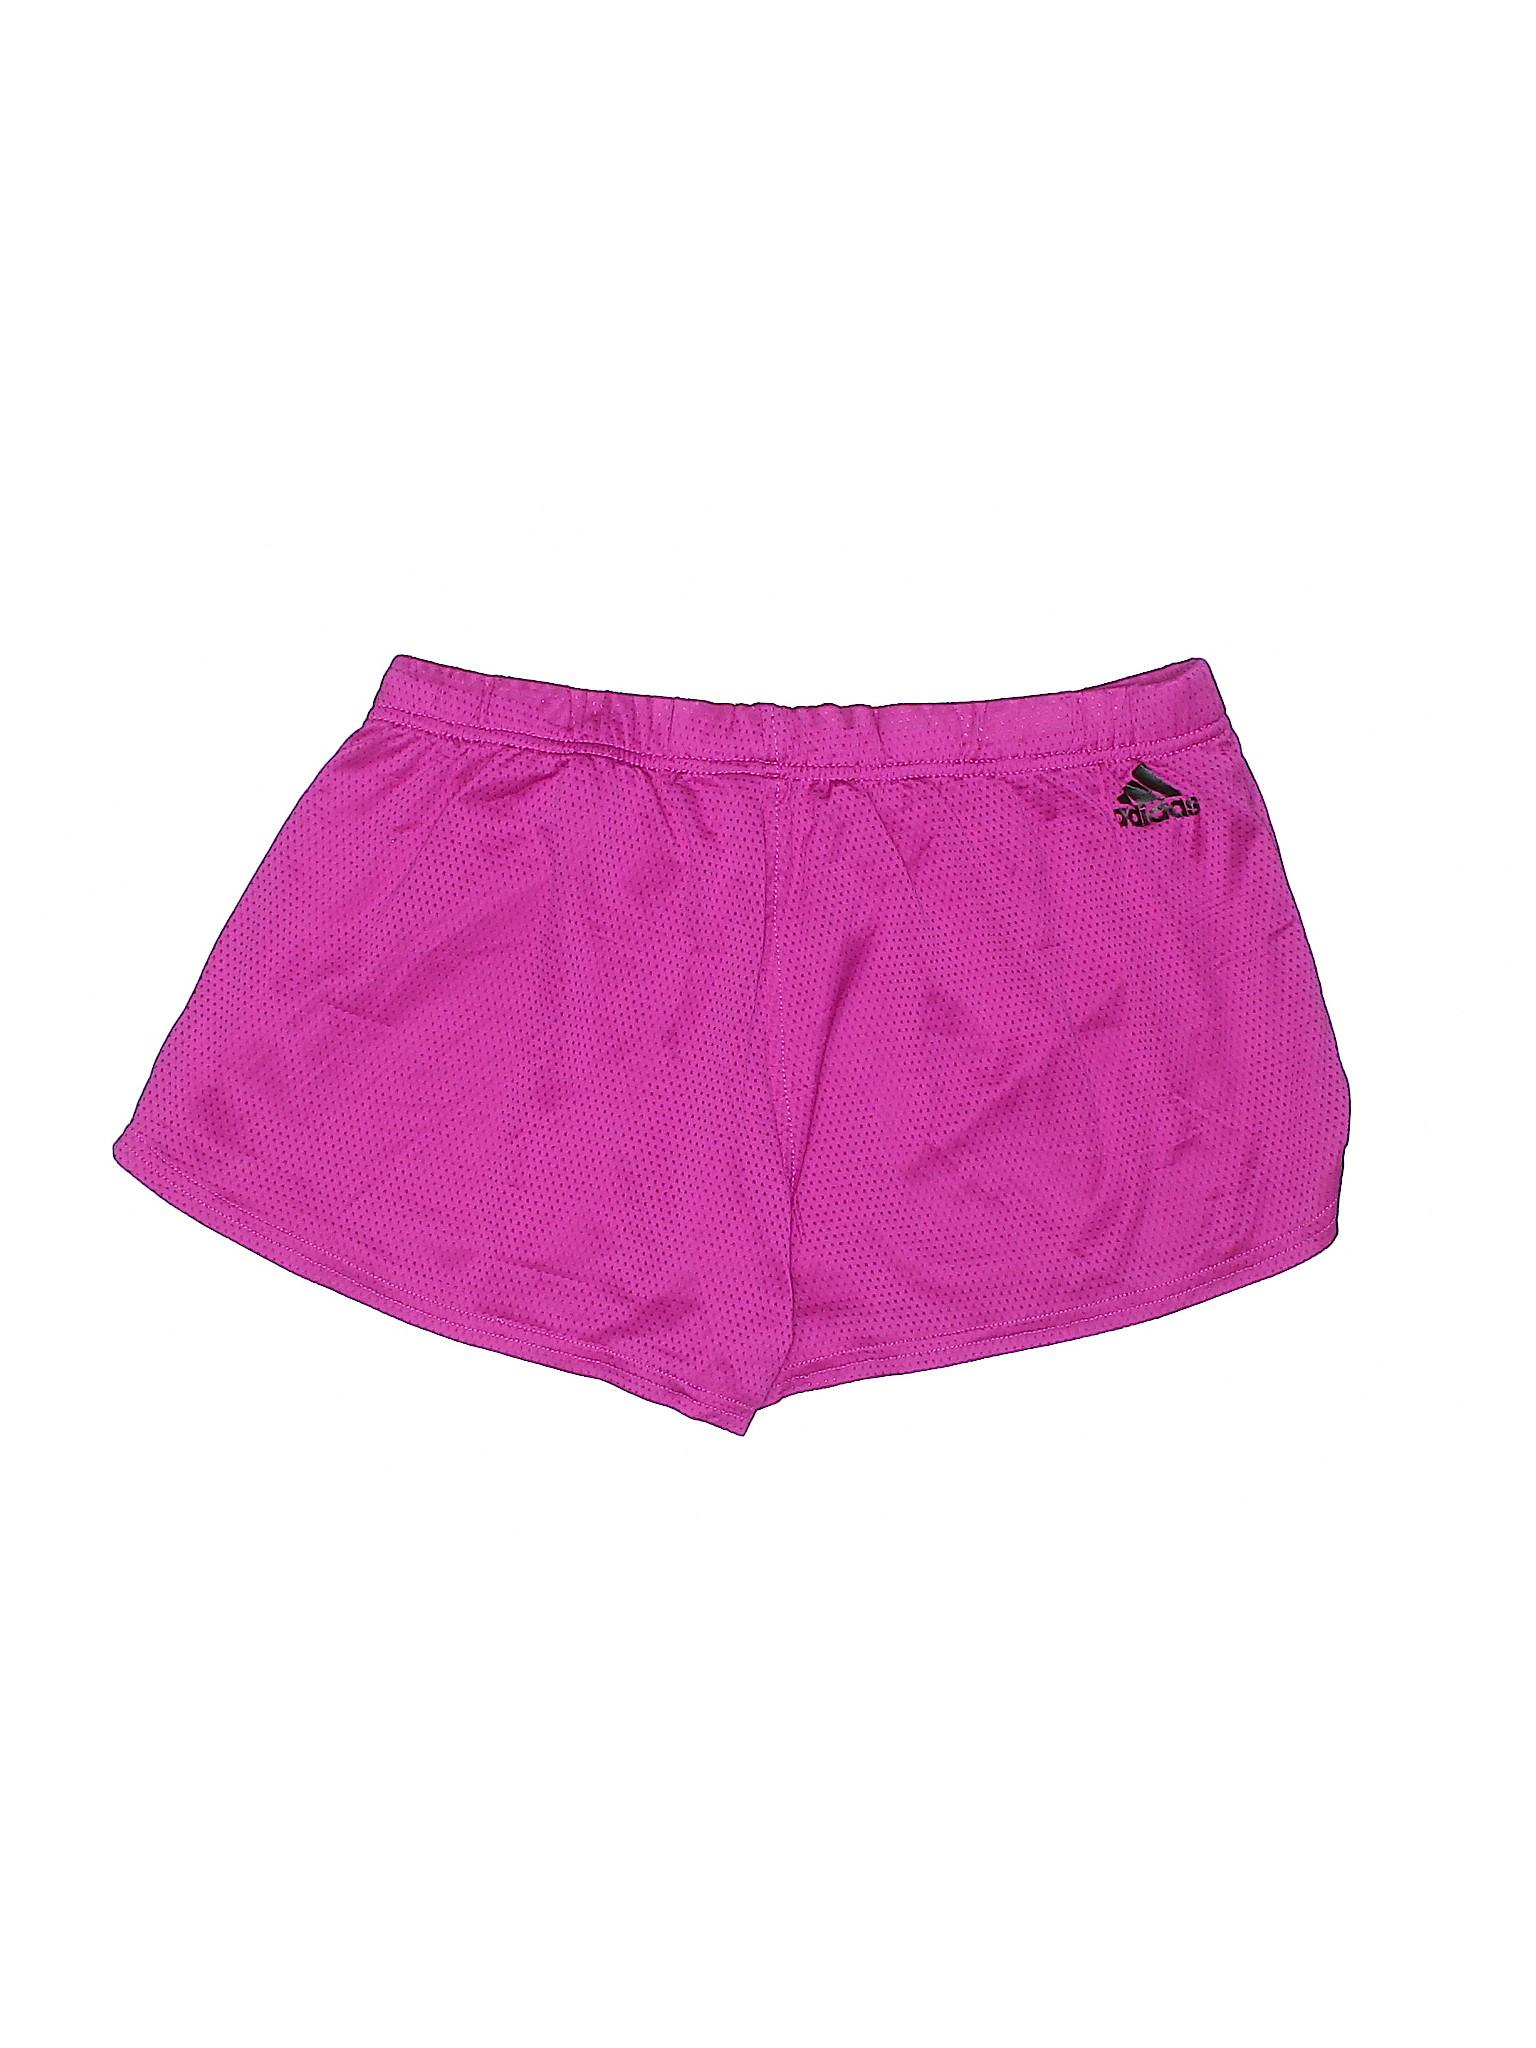 Athletic Boutique Adidas Shorts Adidas Athletic Shorts Boutique Boutique Adidas Athletic q17w4tnxT